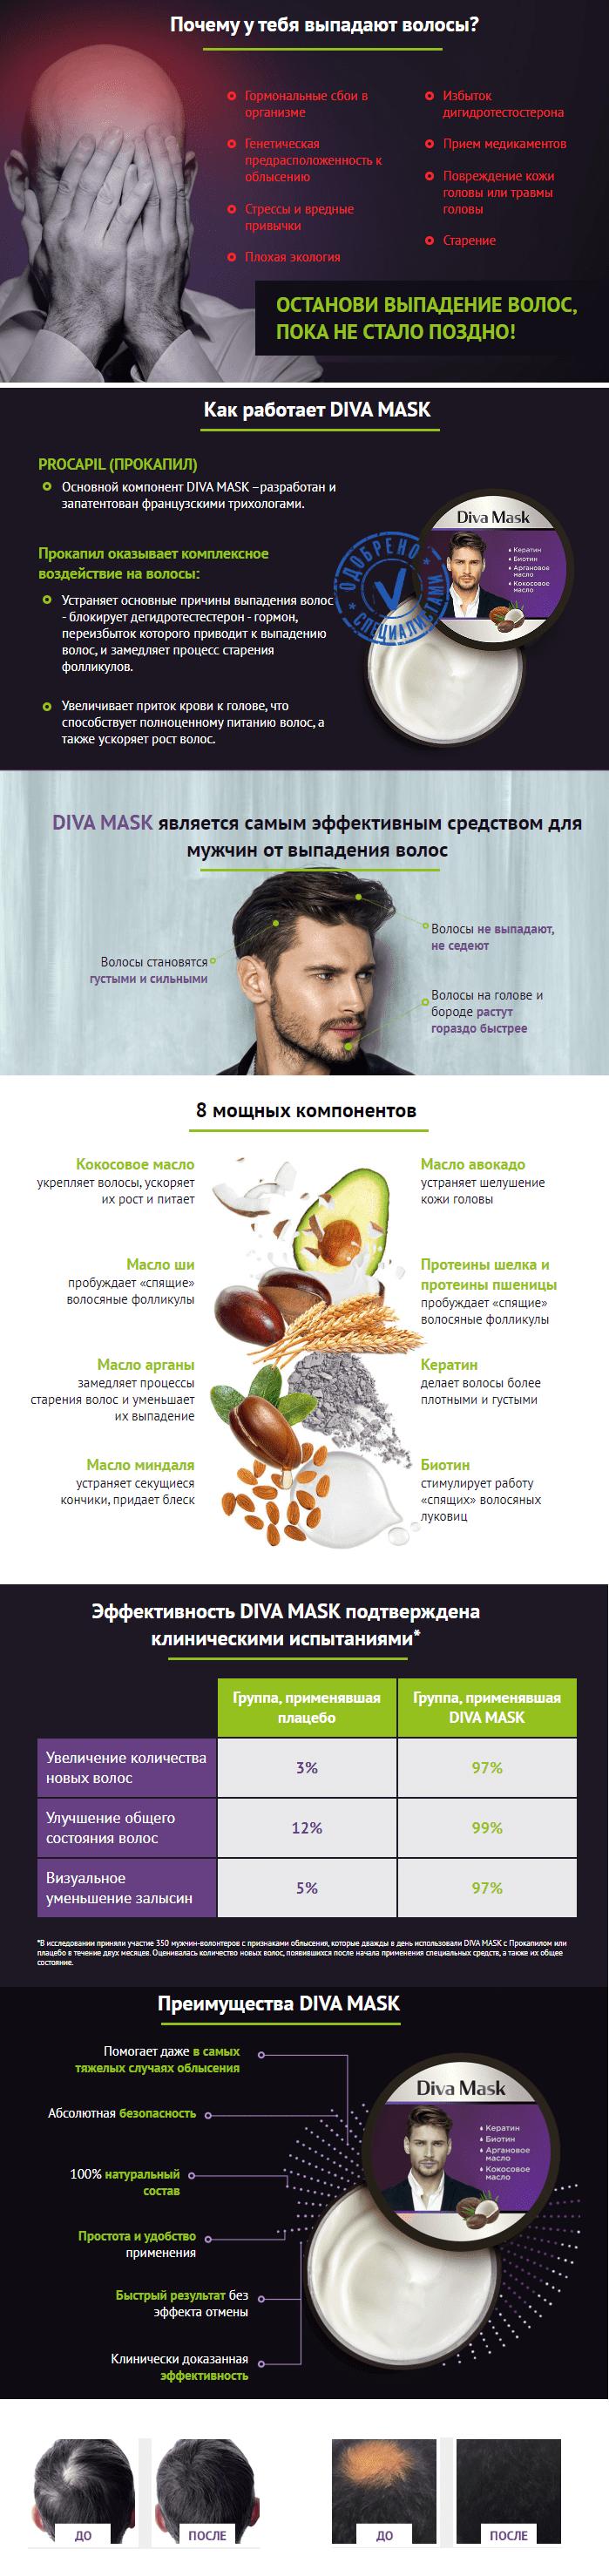 дива маск для мужчин от віпадения волос